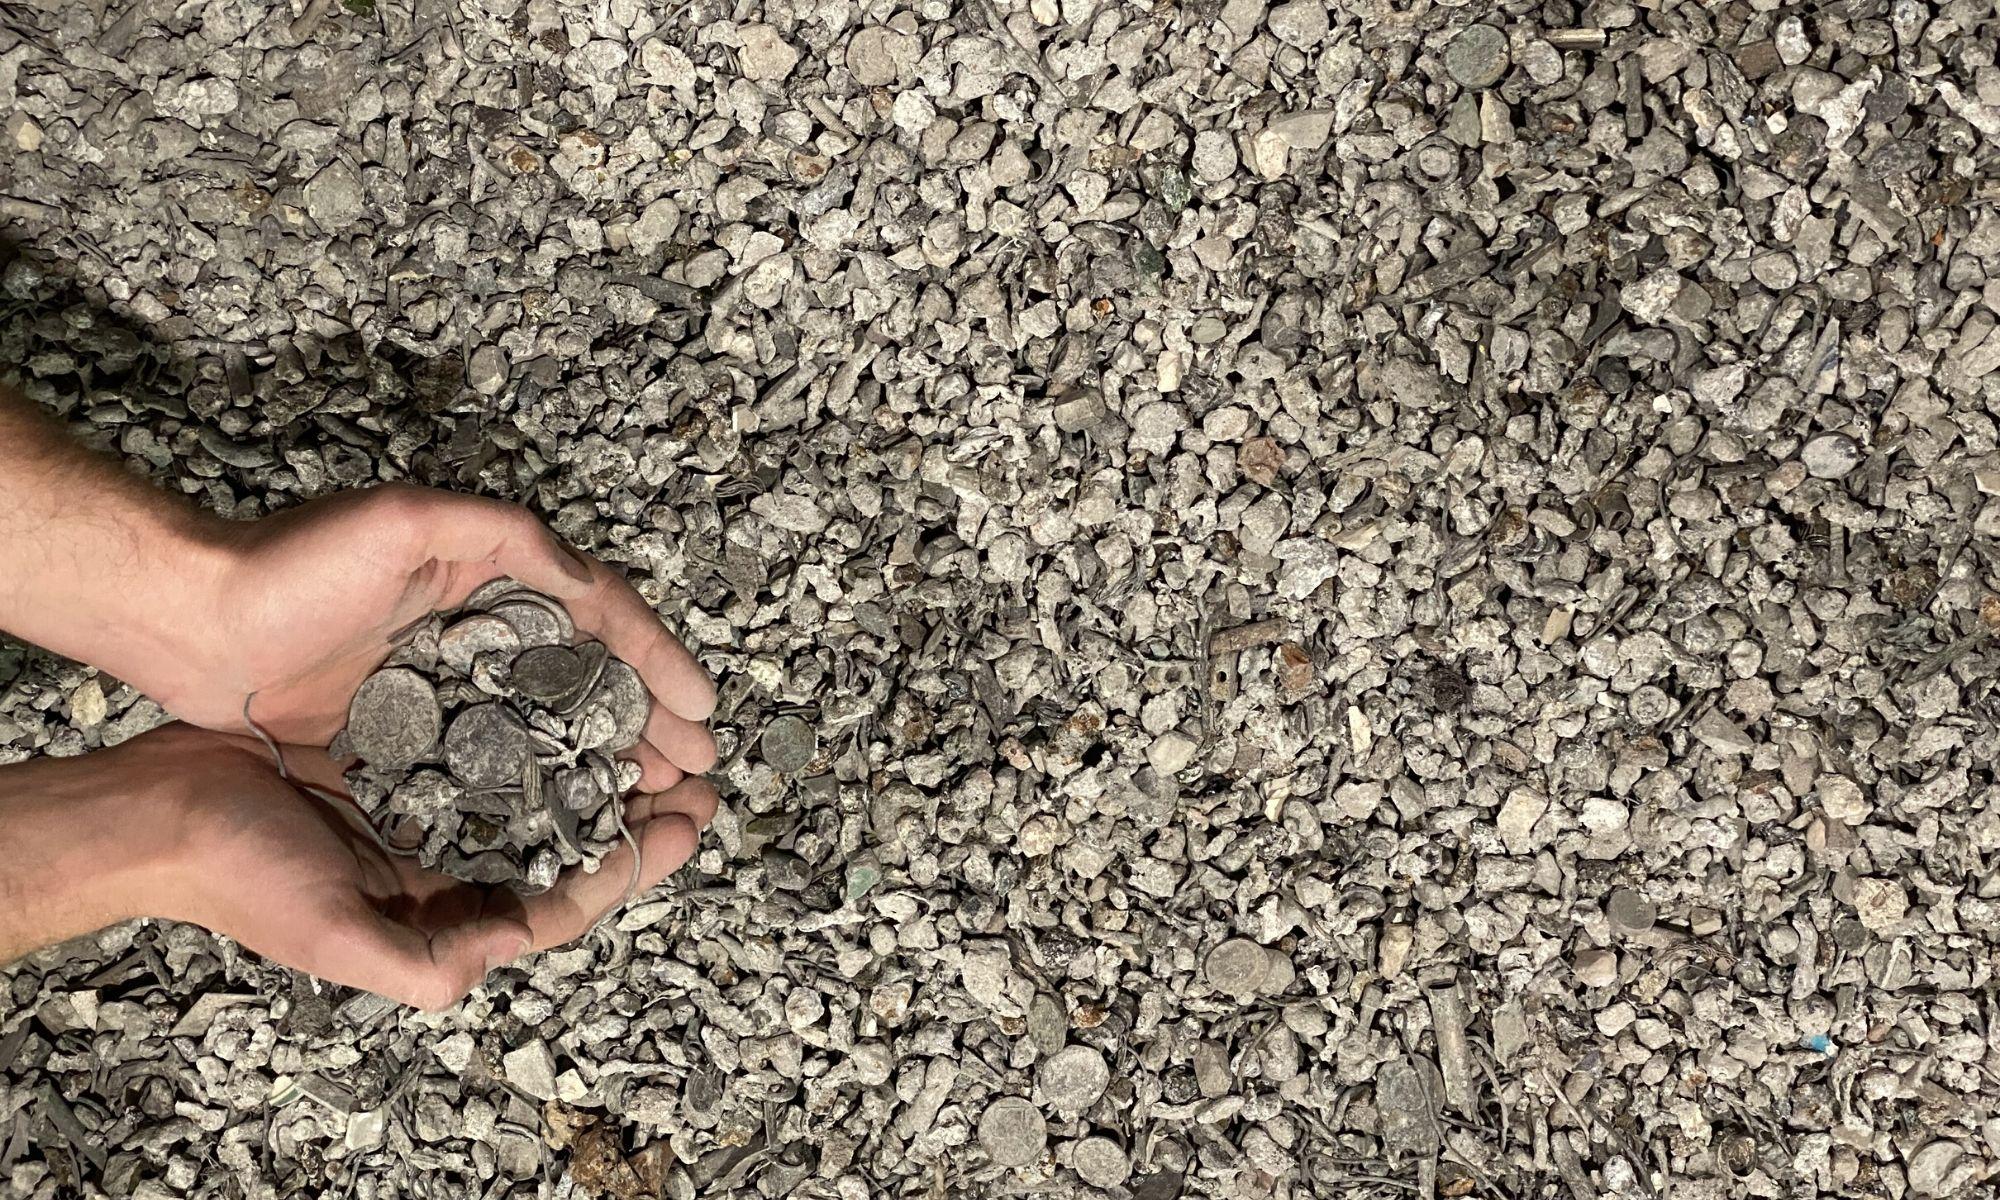 Vermarktung von zurückgewonnenen Metallen als hochwertige Rohstoffe an Schmelzbetriebe